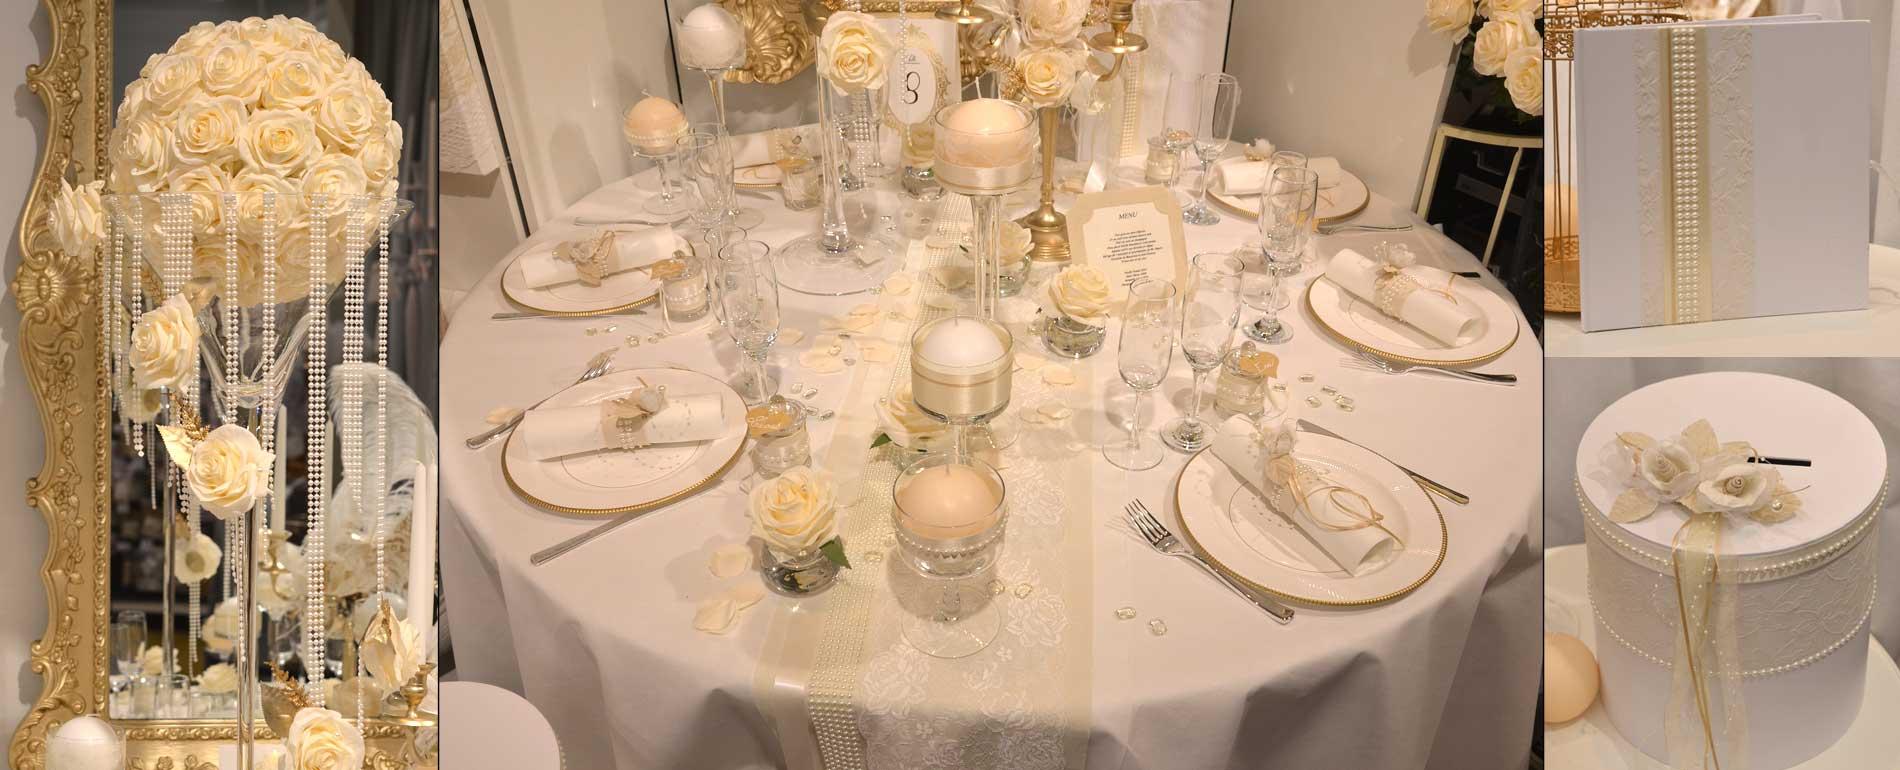 D coration de mariage bapt me communion sur d co de f te for Accessoire pour decoration